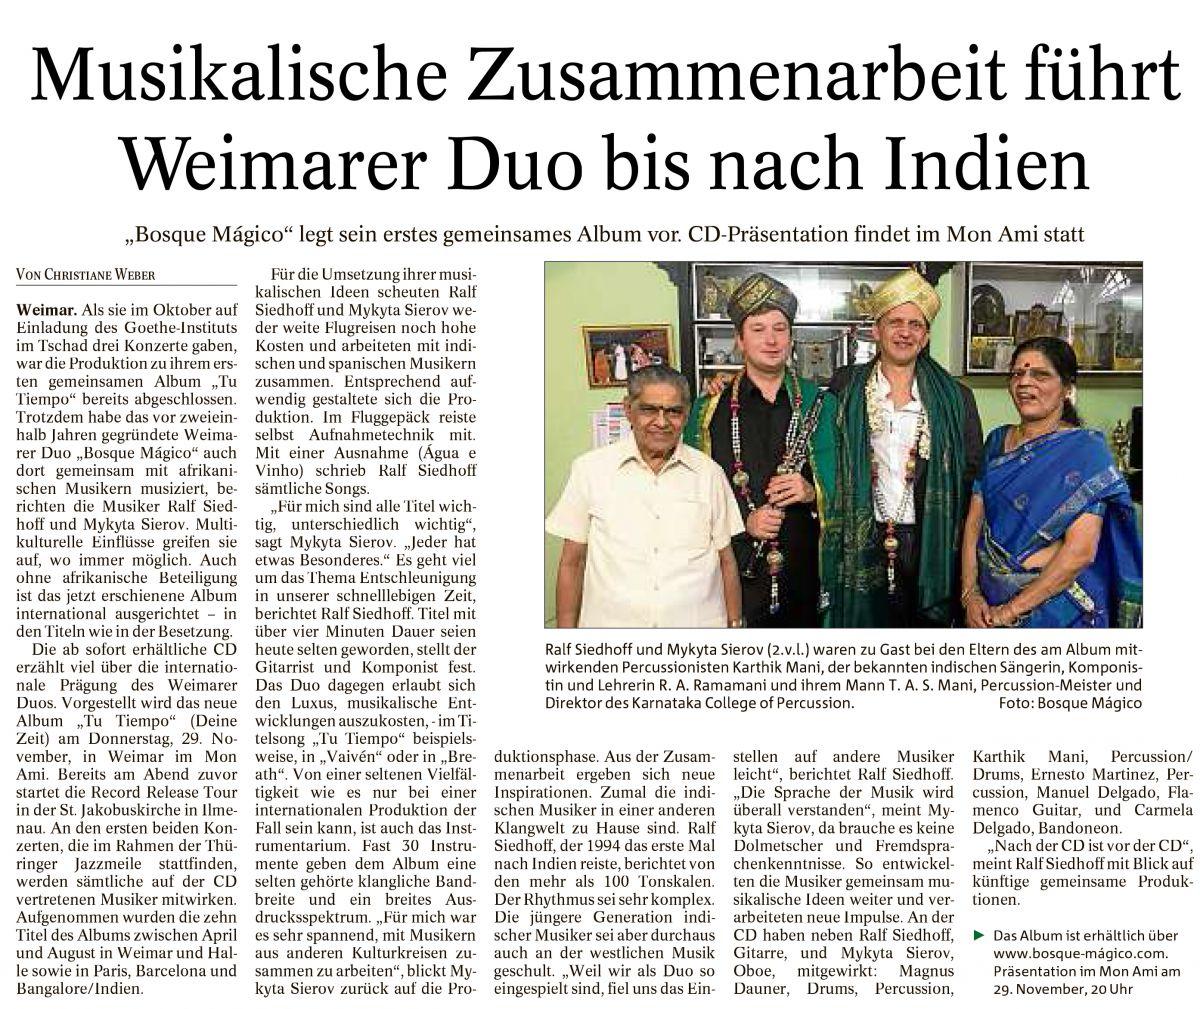 Thüringer Allgemeine - September 2018